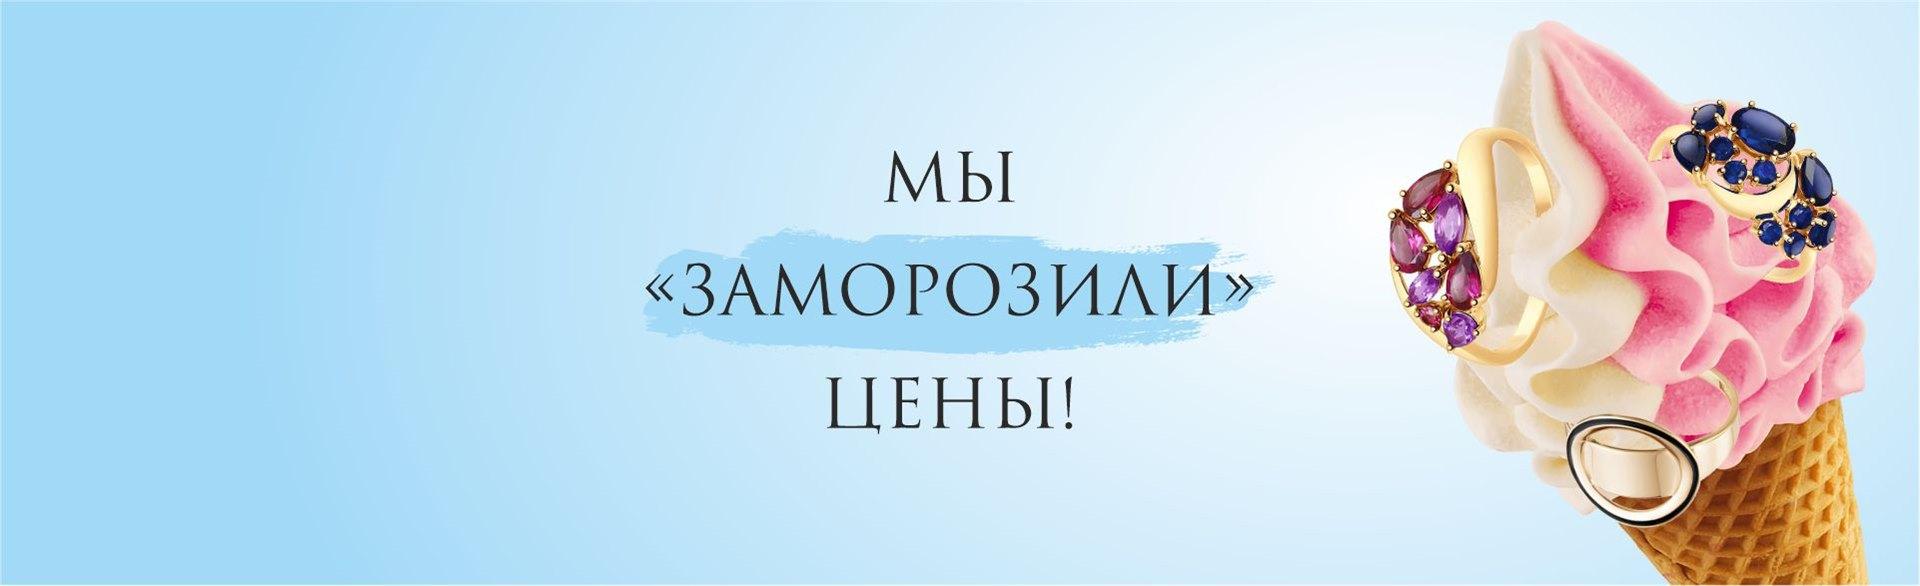 https://www.almazcom.ru/pub/img/QA/actions_archive/zamorozka_tsen_aktsii.jpg